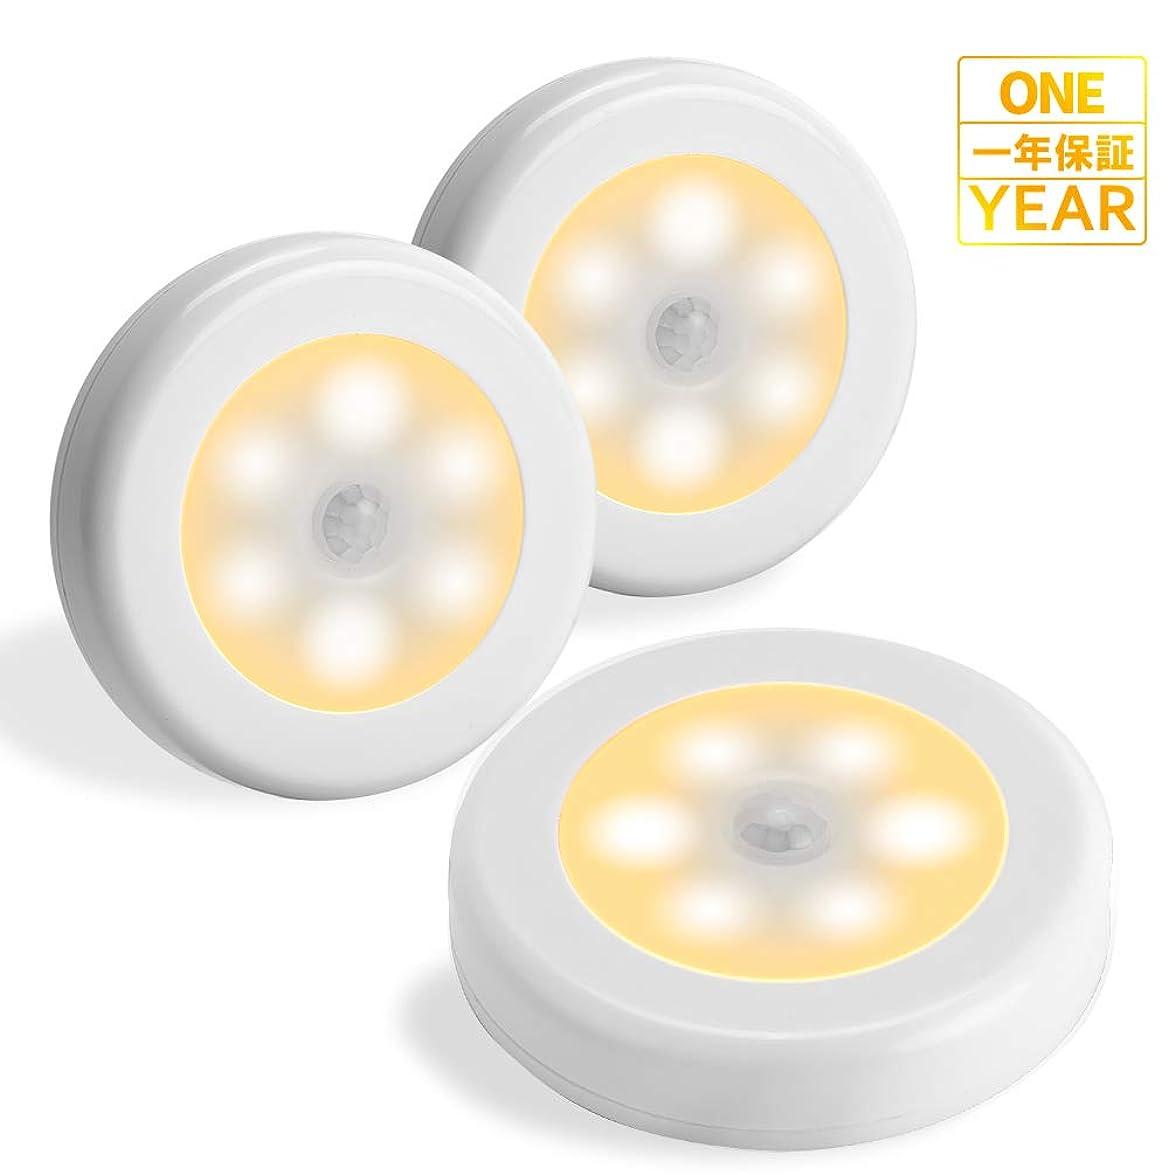 容疑者滅びる愚かなMEICHEPRO 人感センサーライト 電池式センサーライト LEDライト光センサー 両面テープ マグネット付き 自動ON/OFF 3個セット 電球色 一年保証 (電球色 3個セット)